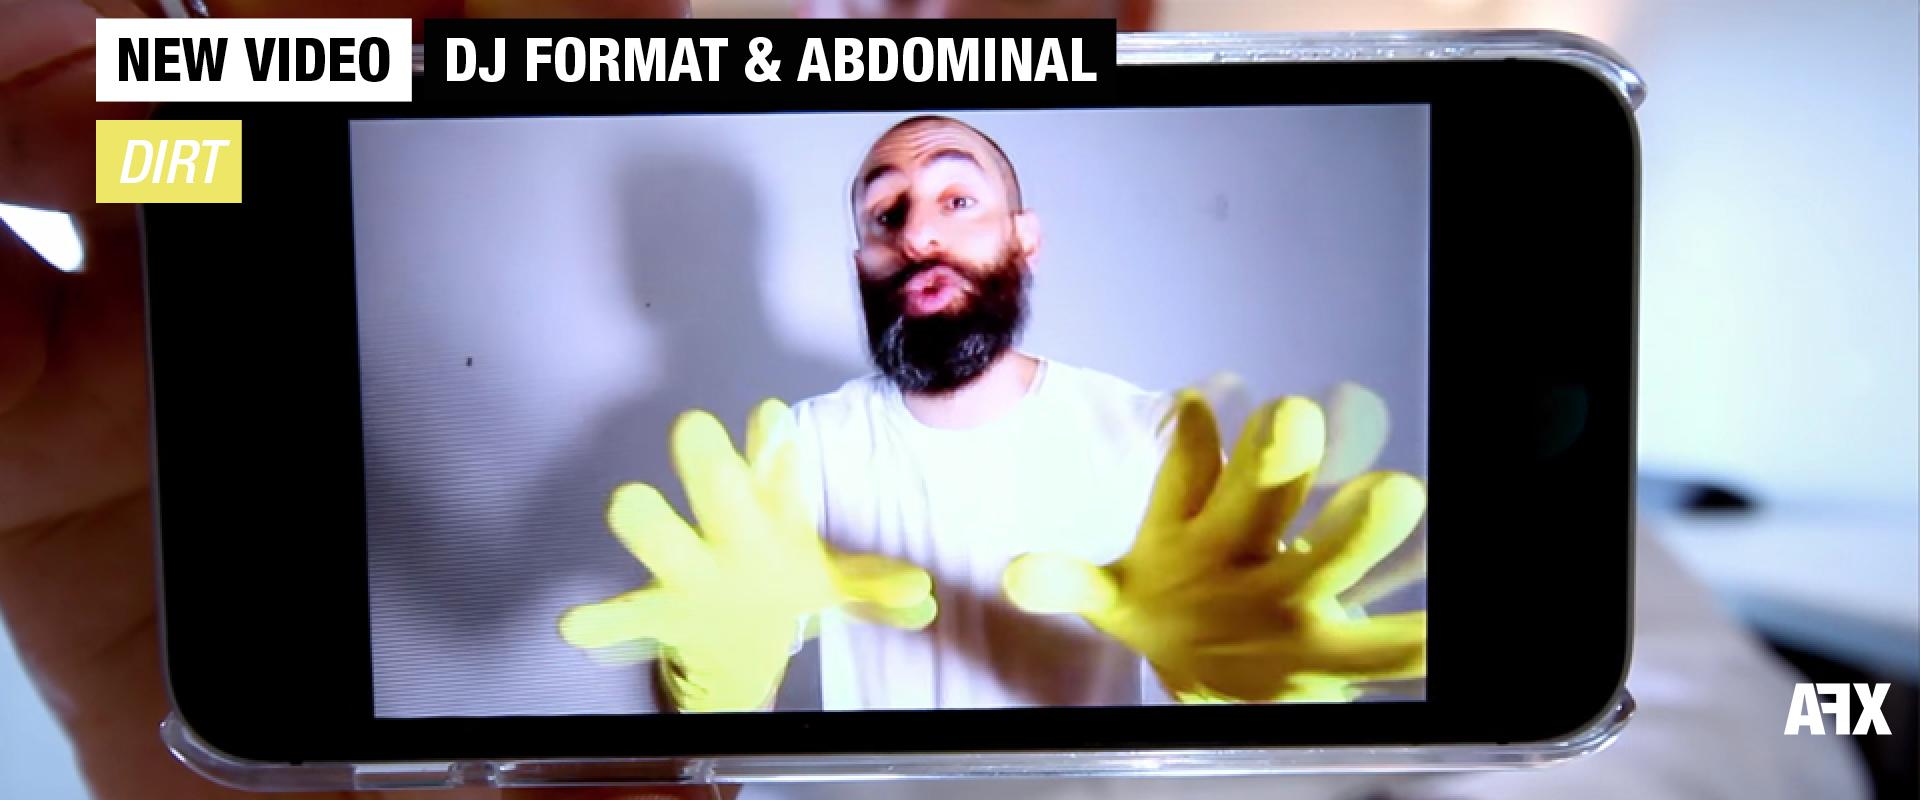 DJ FORMAT & ABDOMINAL : NOUVEAU CLIP «DIRT»